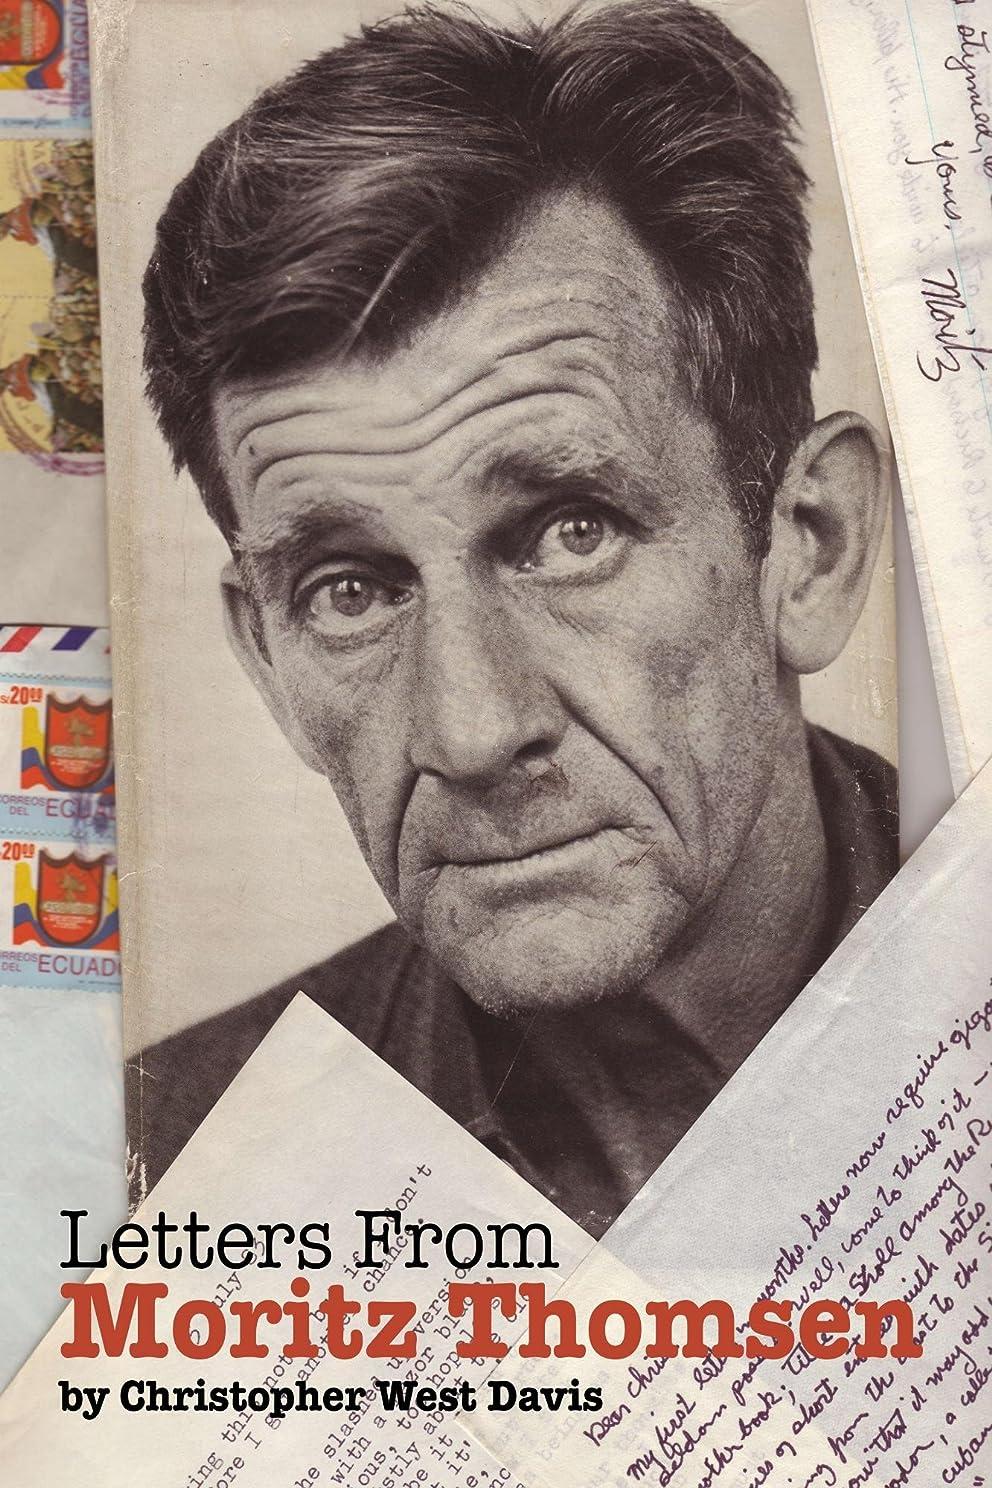 天才覚醒寝室を掃除するLetters from Moritz Thomsen (English Edition)